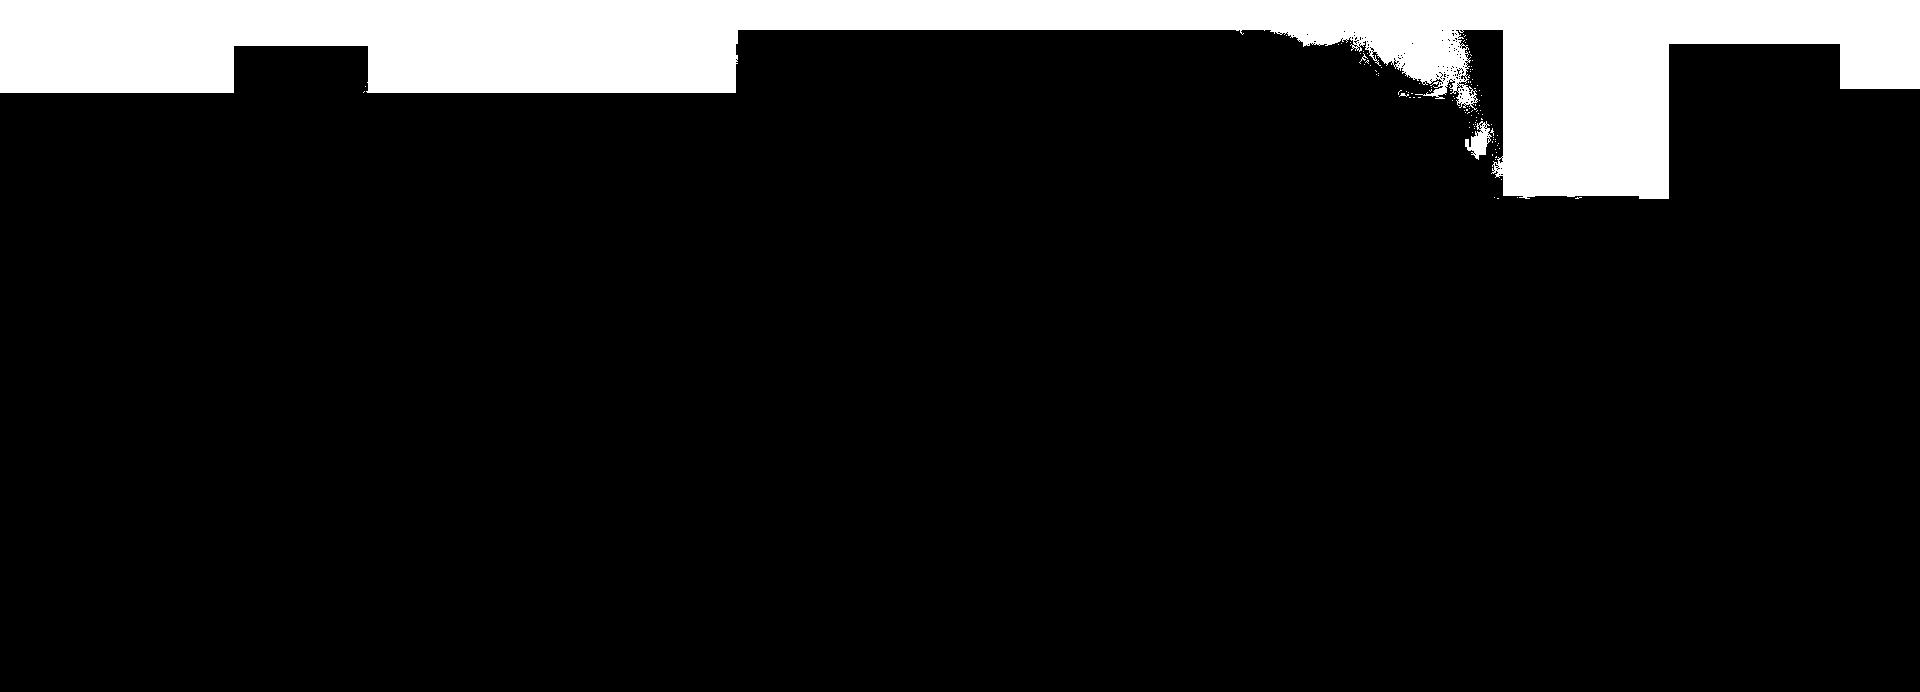 transparent black background - 1920×692